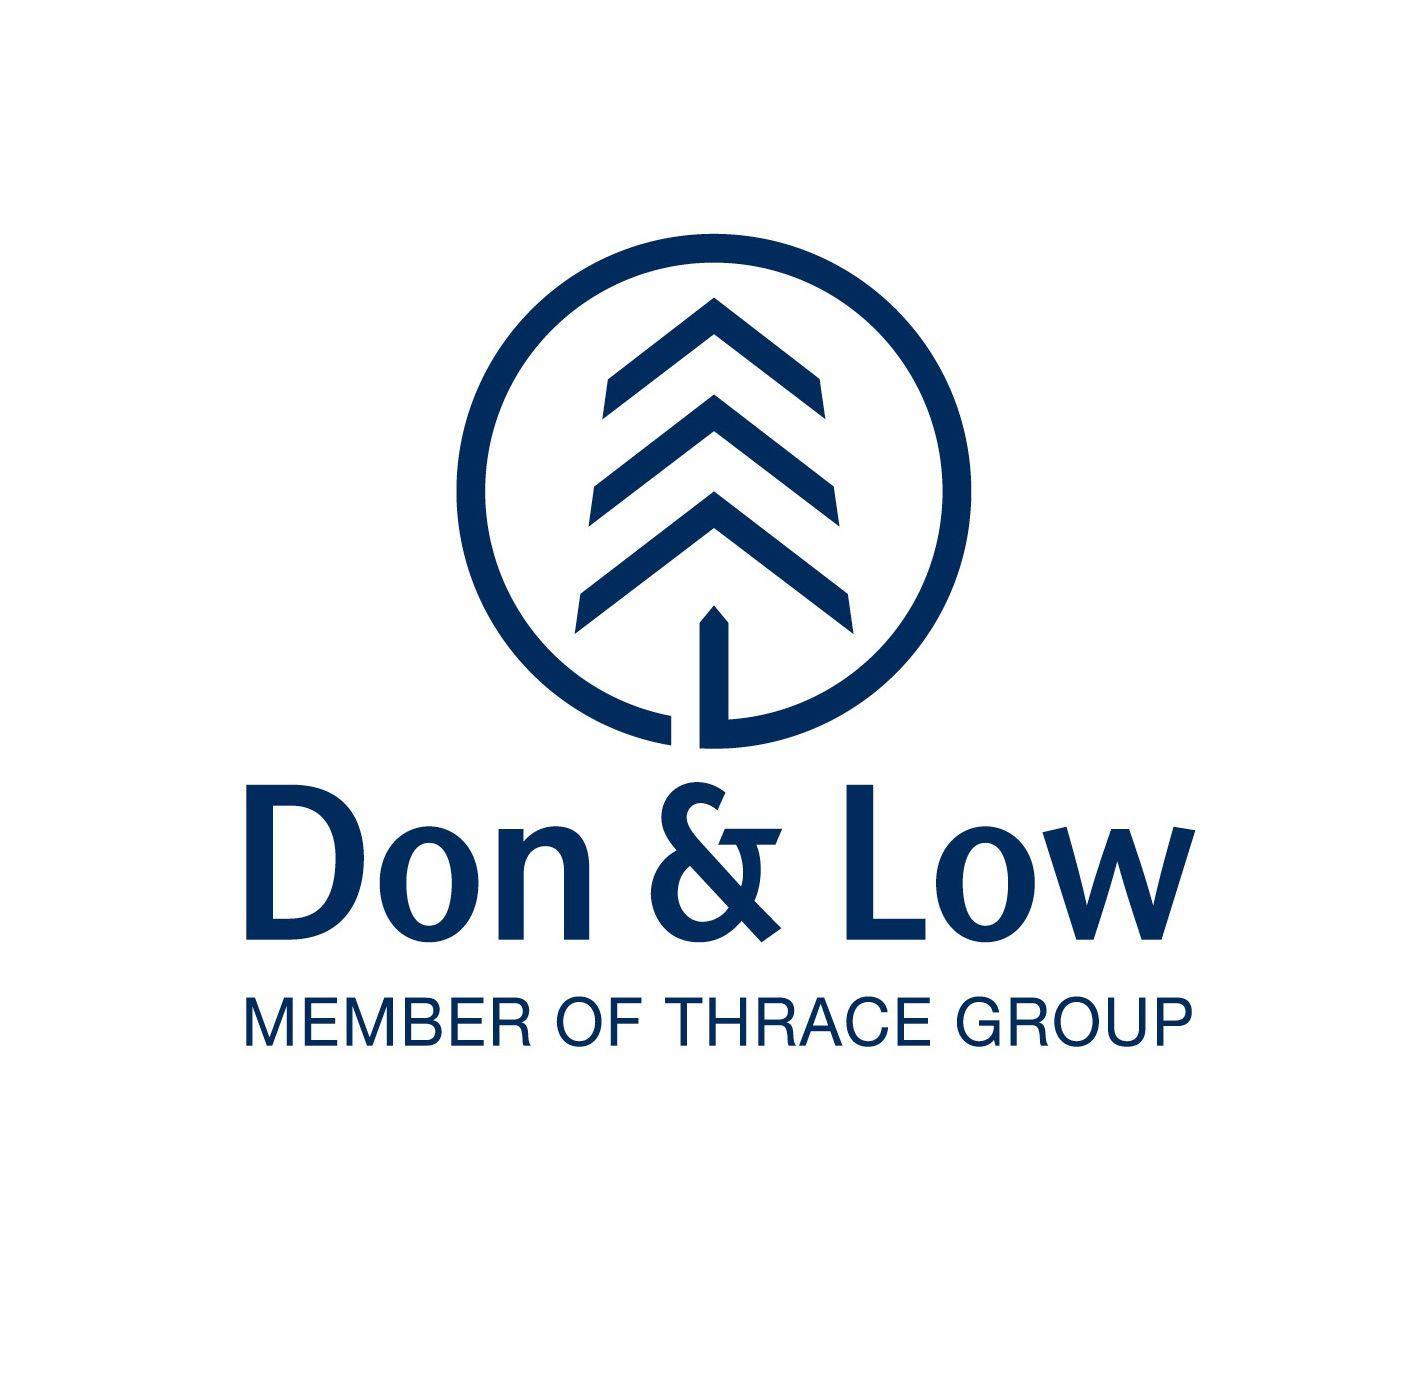 Don & Low Ltd.